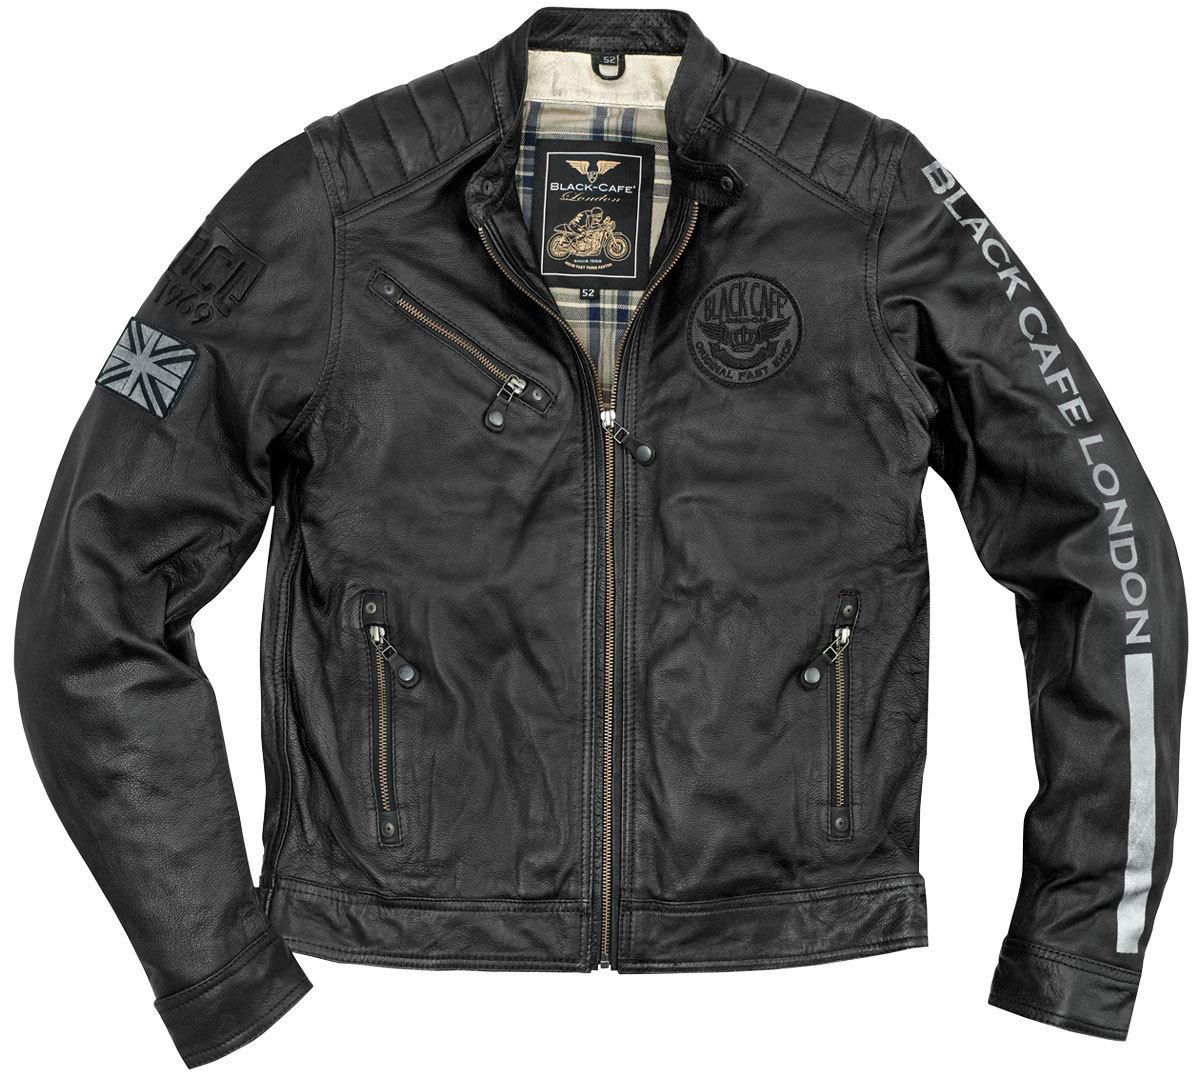 Black-Cafe London Shanghai Motorrad Lederjacke, schwarz-weiss, Größe 56, schwarz-weiss, Größe 56